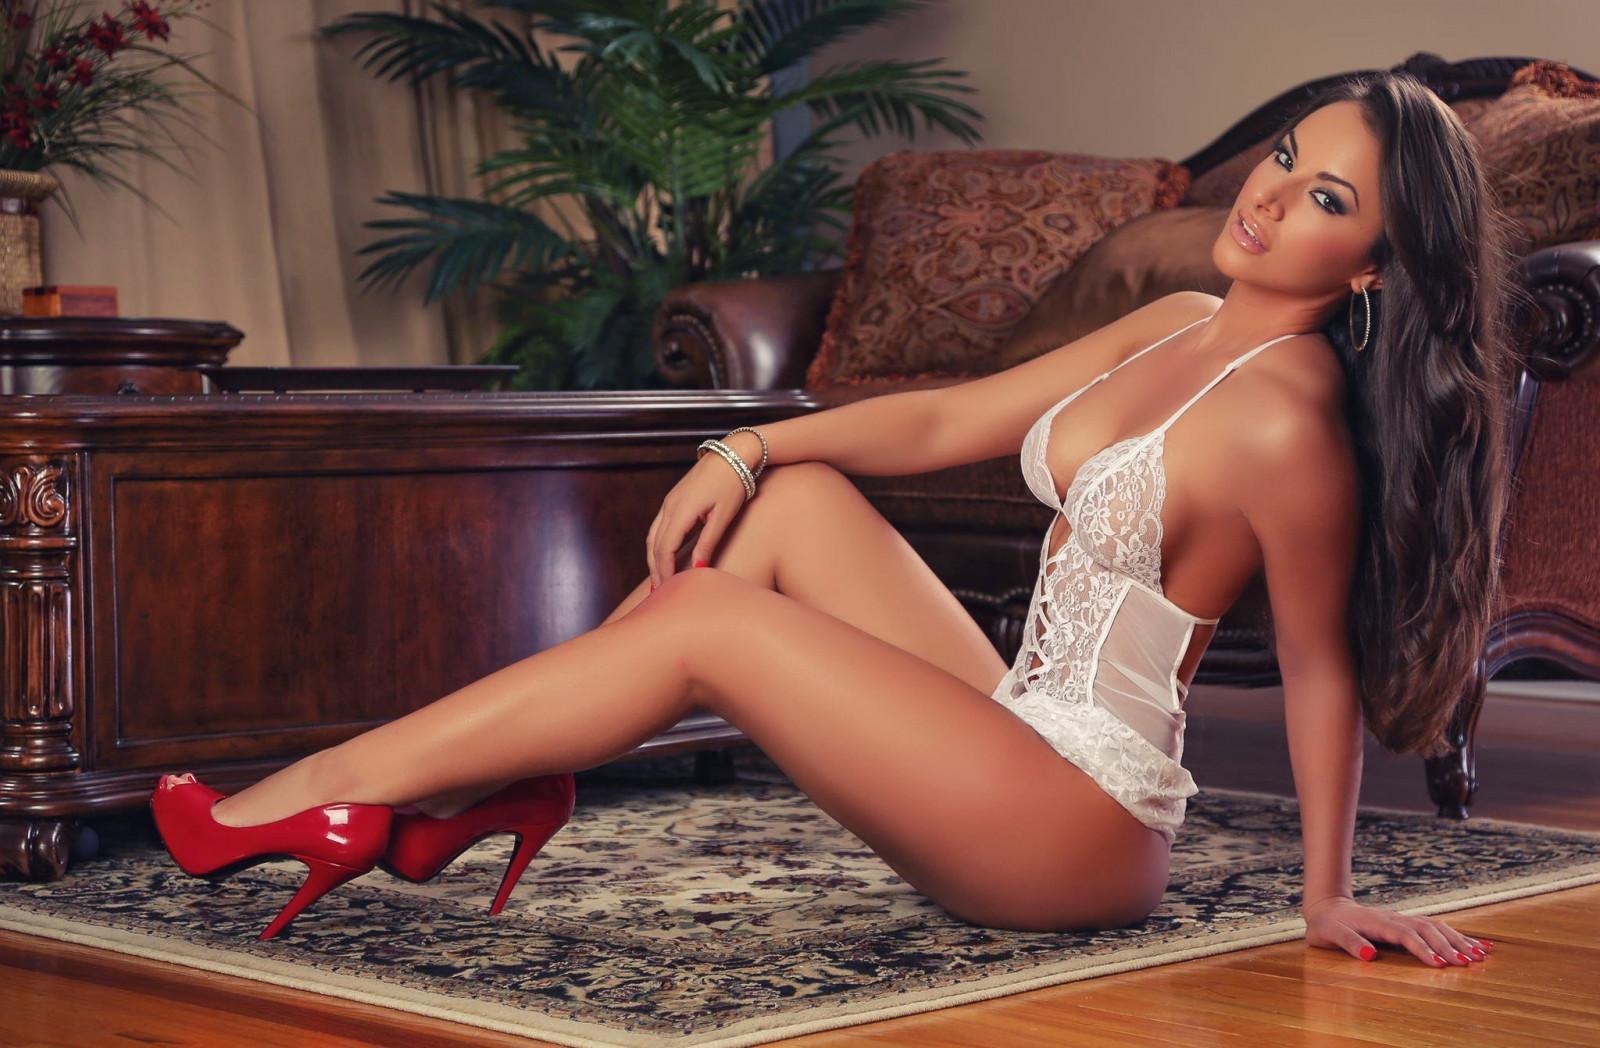 Длинноногие модели в нижнем белье, нежный и красивый страстный секс